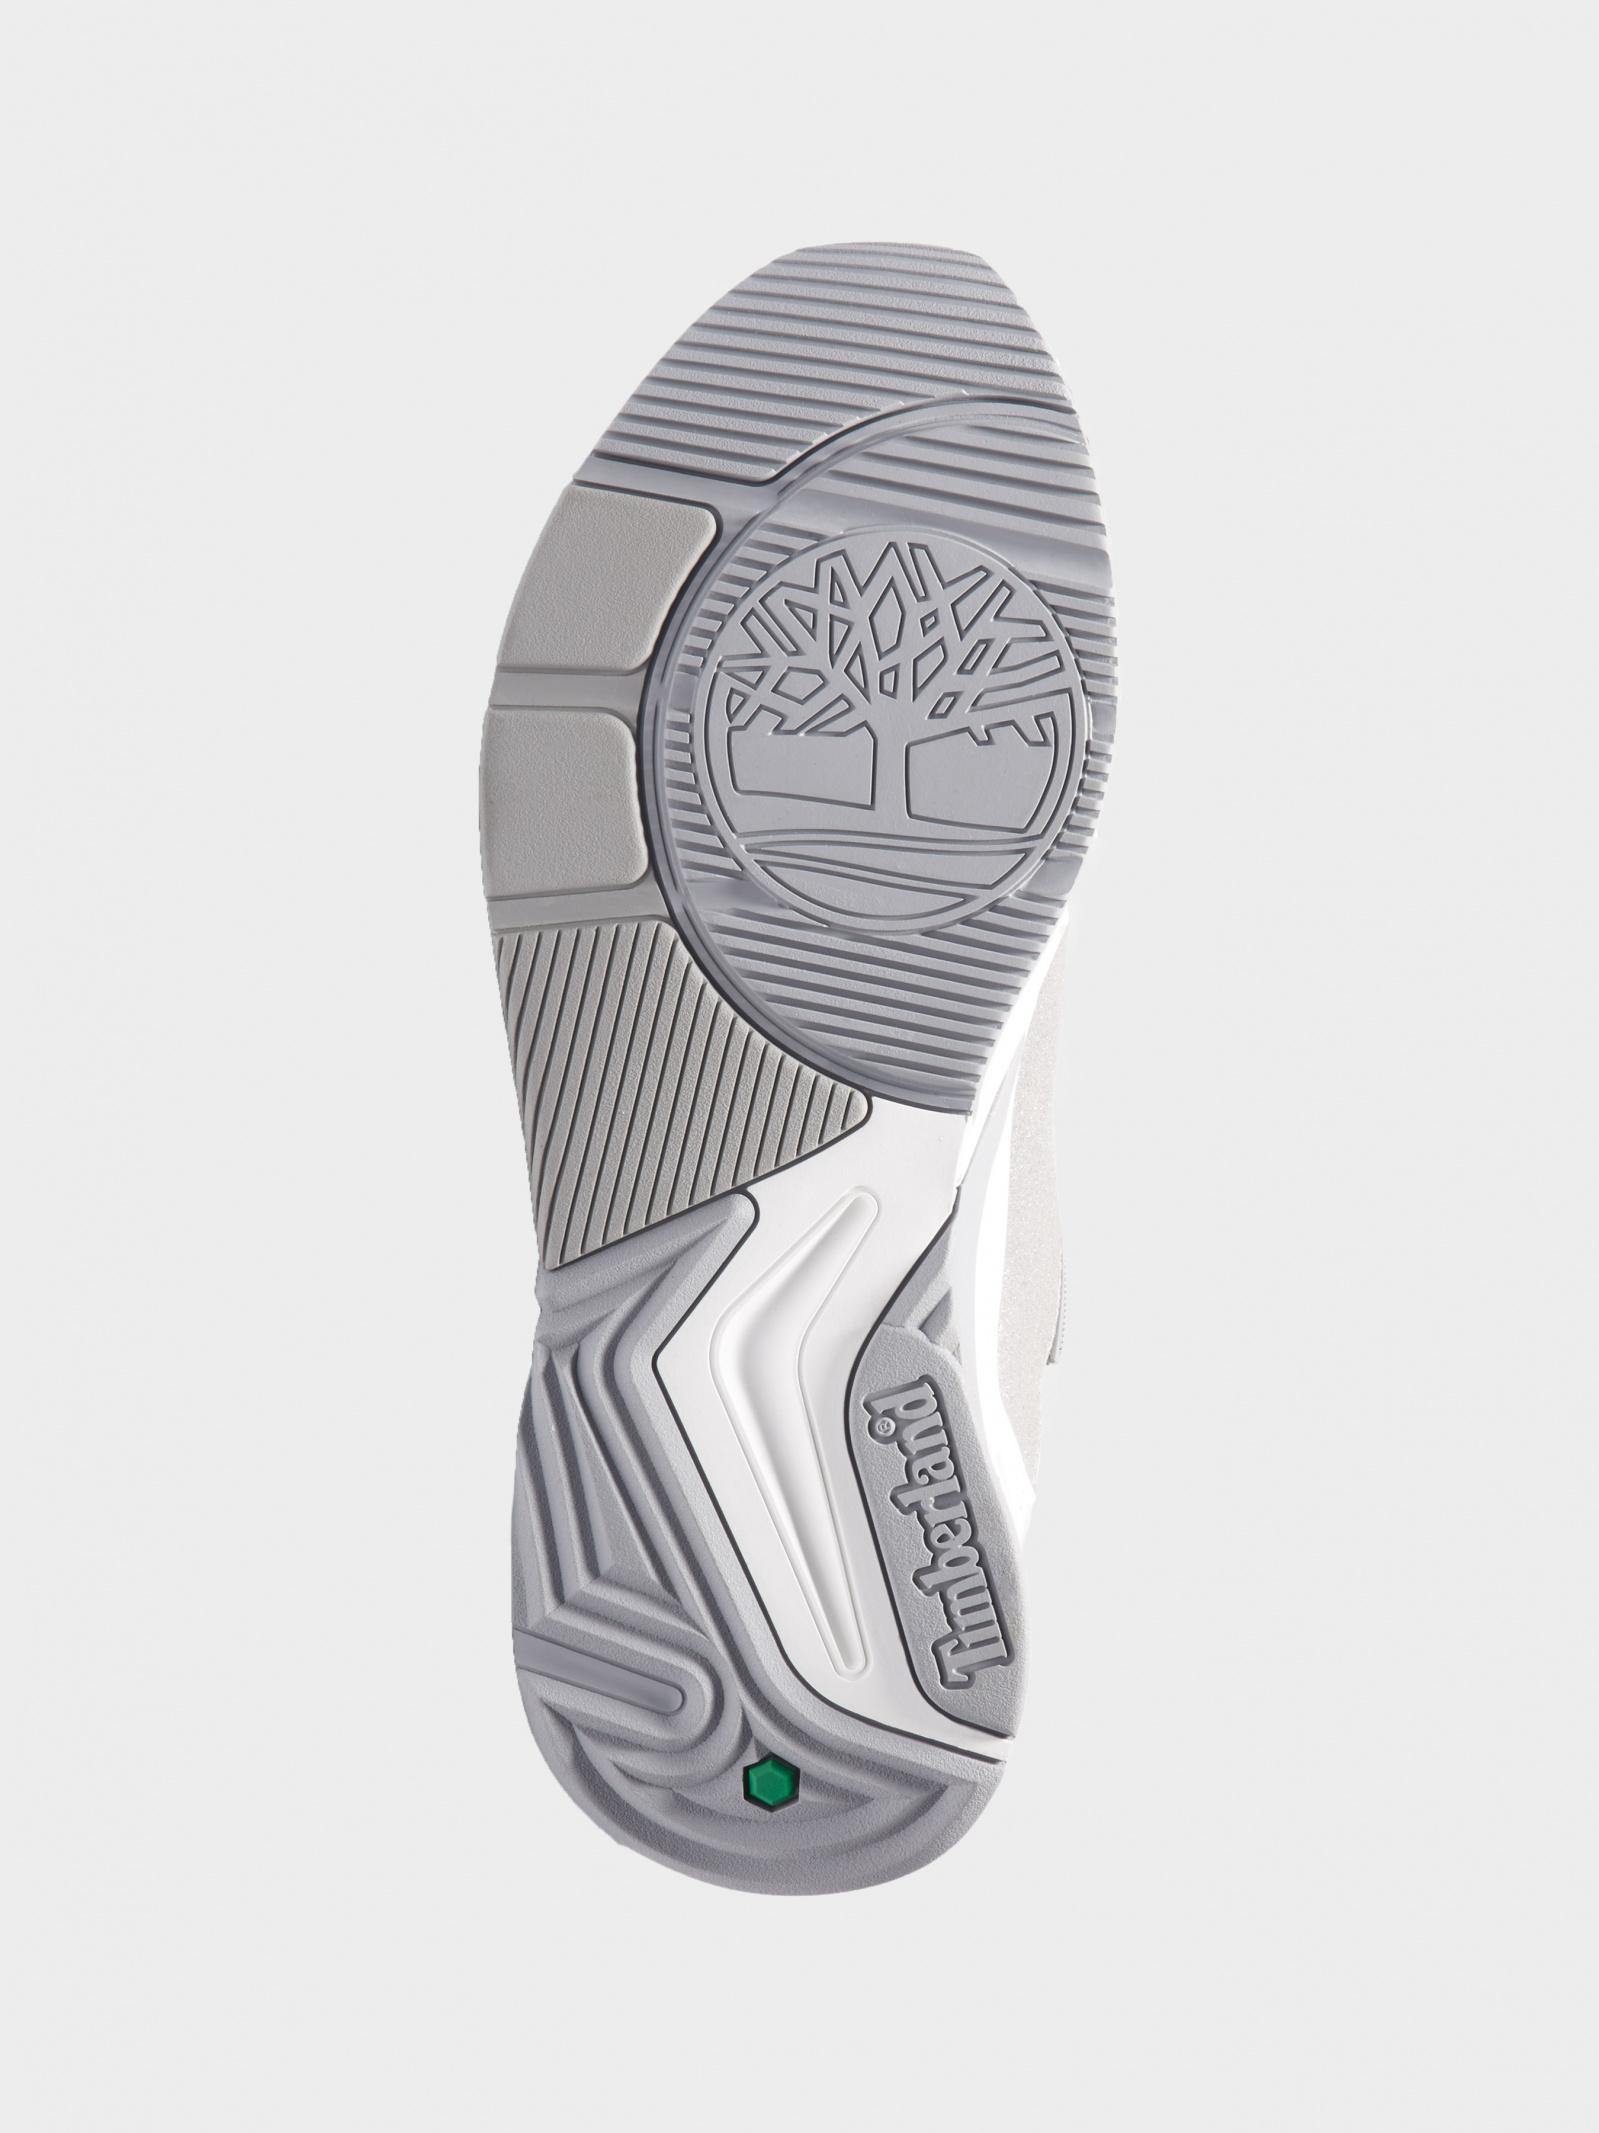 Кроссовки для женщин Timberland Delphiville TB0A2APR100 смотреть, 2017